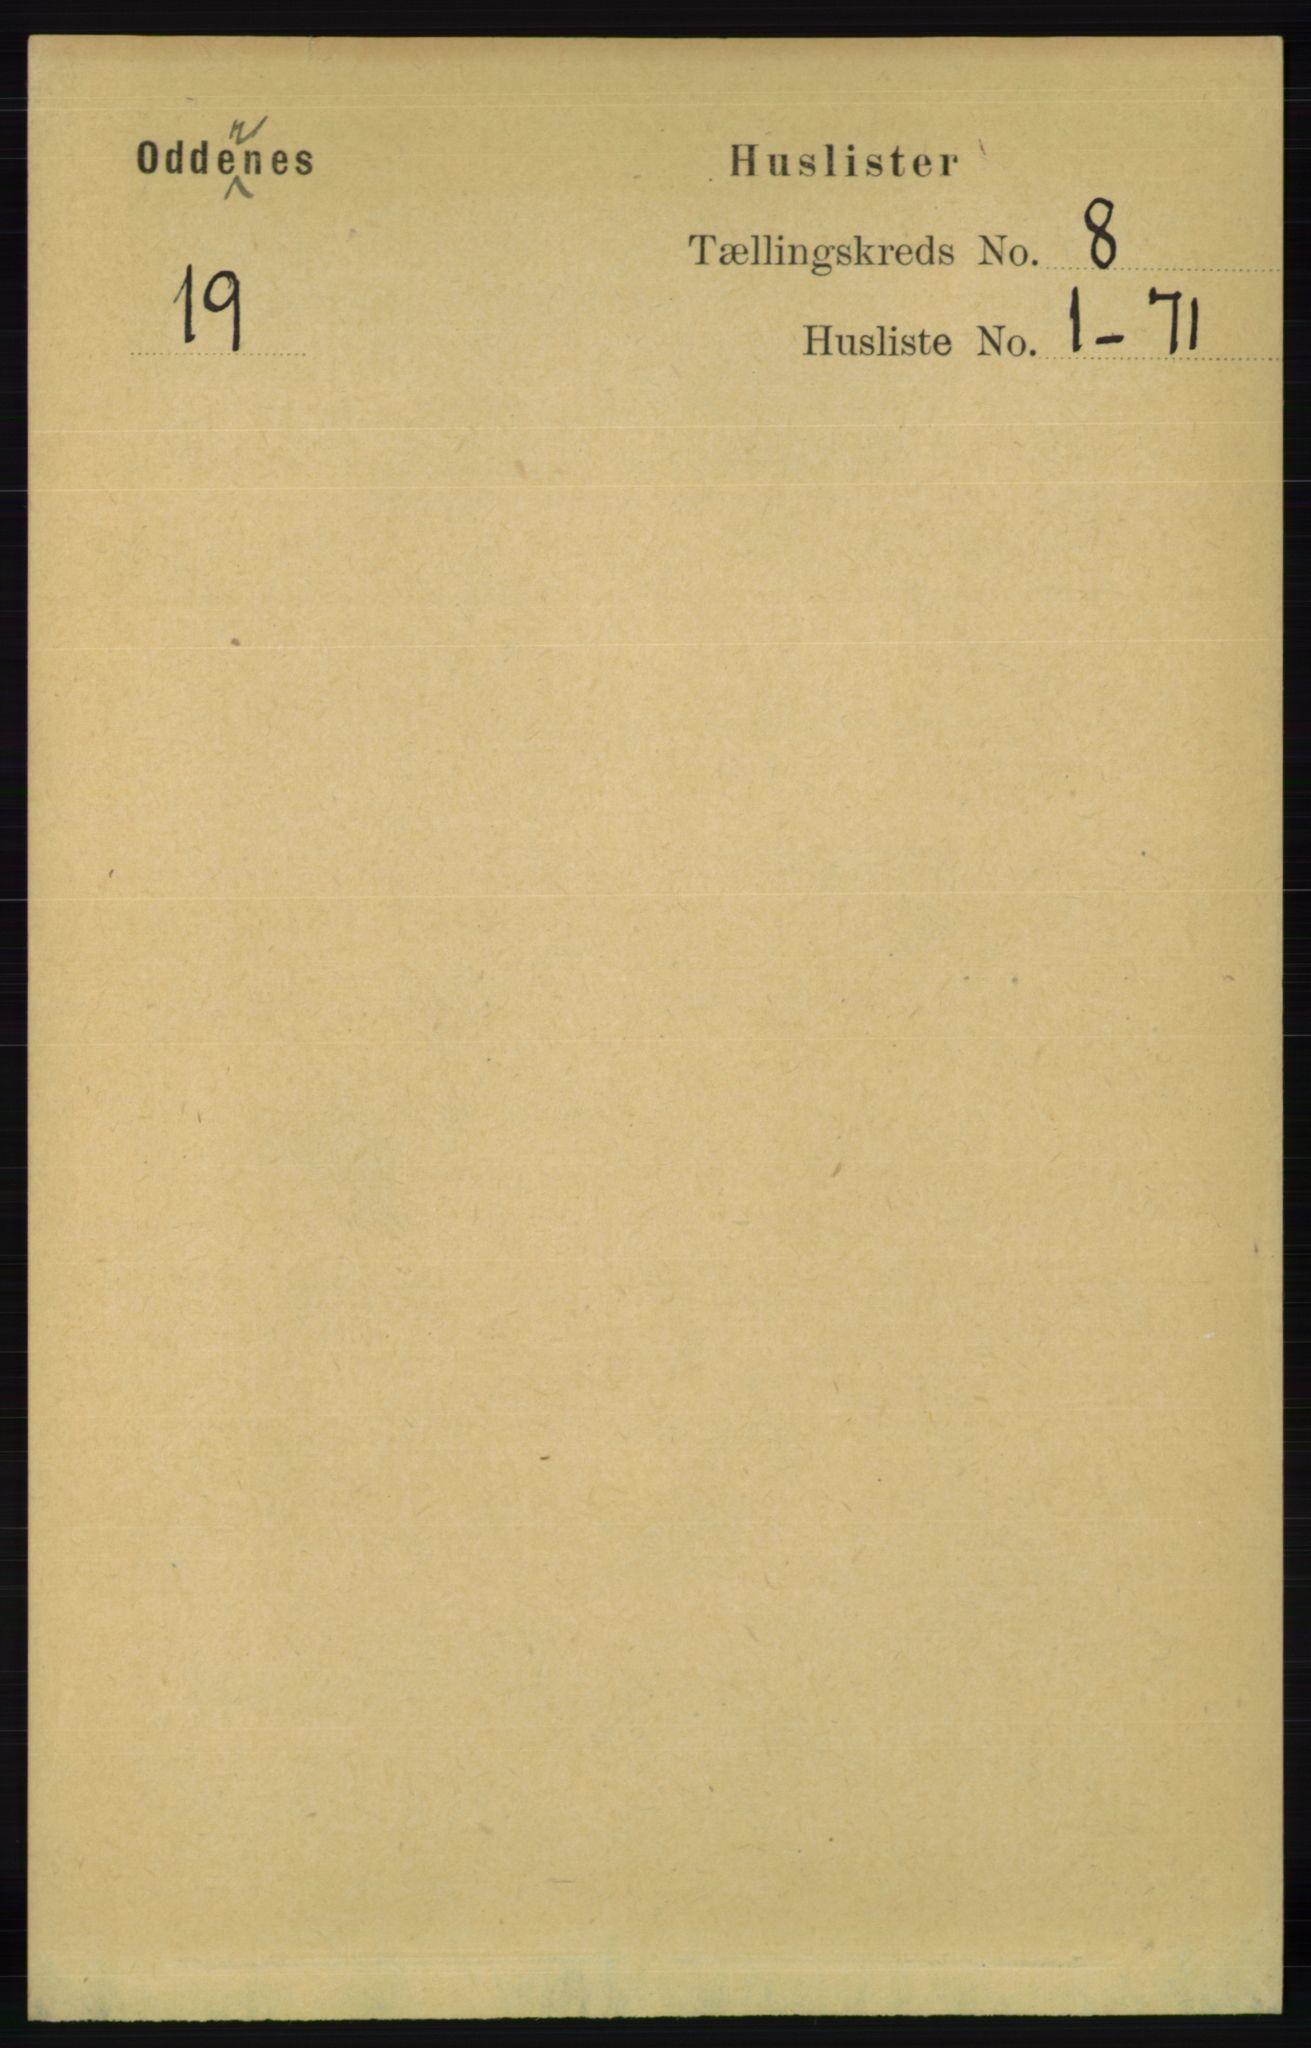 RA, Folketelling 1891 for 1012 Oddernes herred, 1891, s. 2632